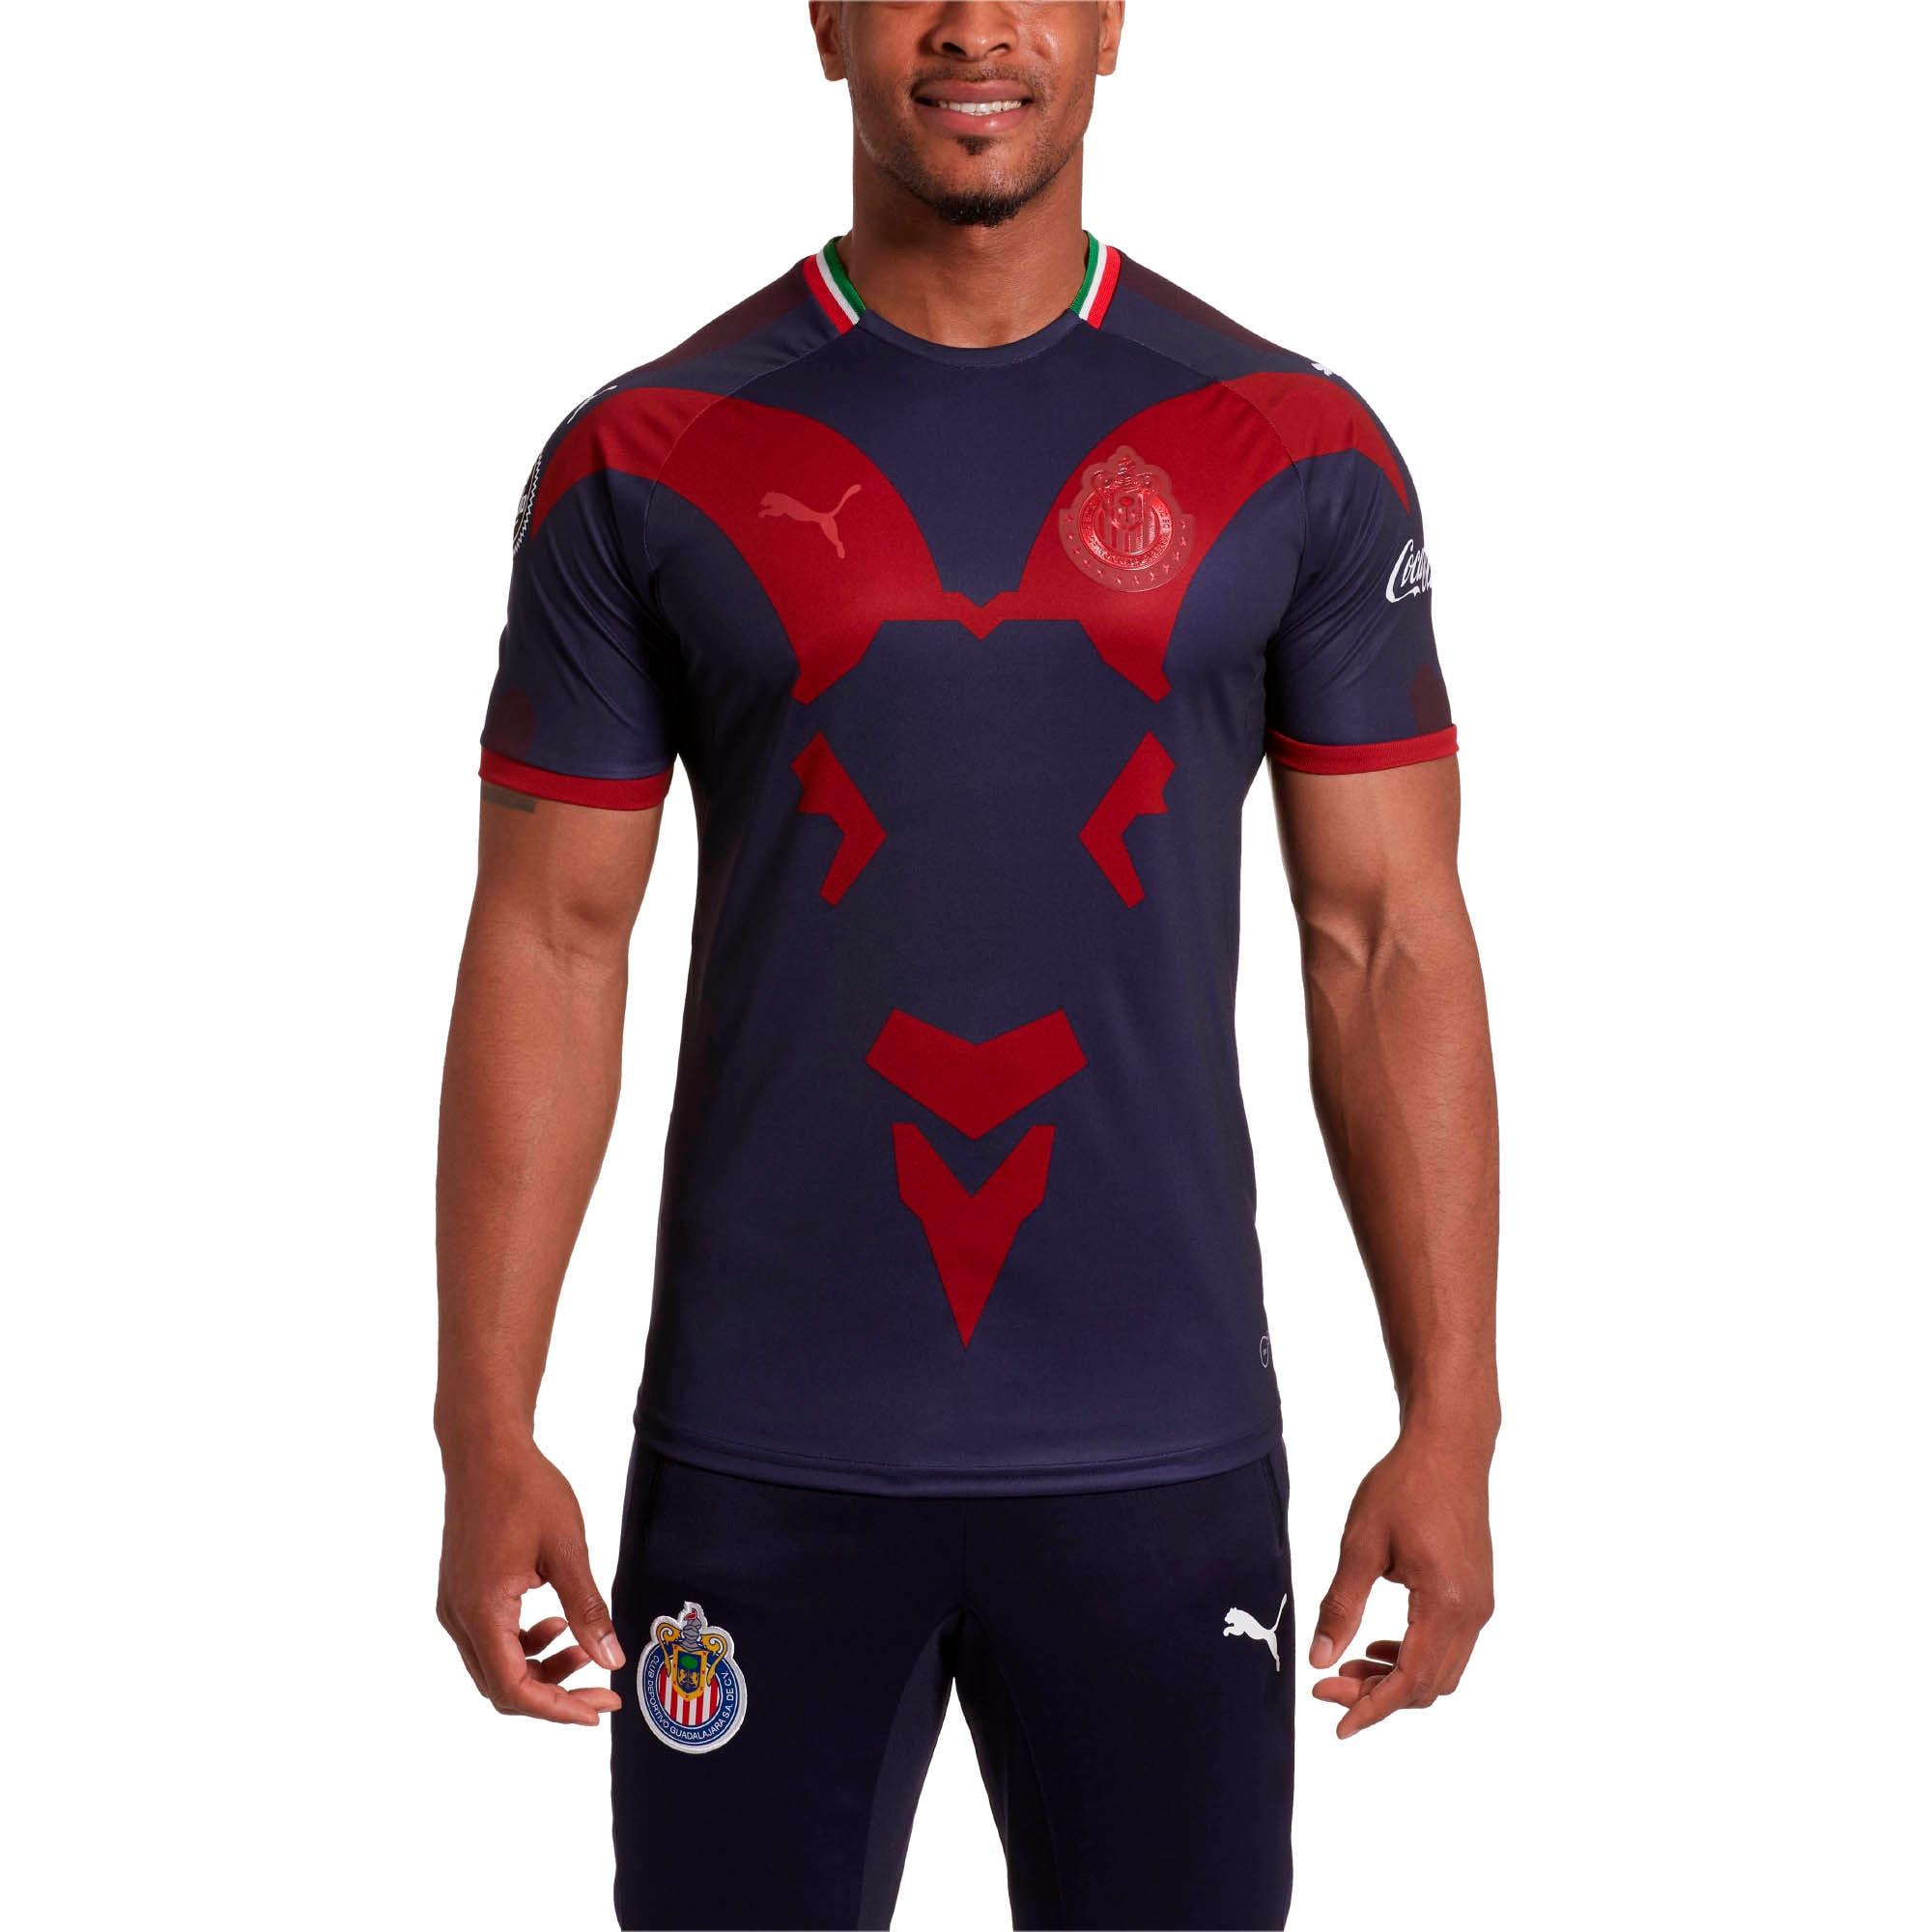 Miniatura 2 de Camiseta Chivas Alt Rep 18 para hombre, Peacoat-Chili Pepper, mediano